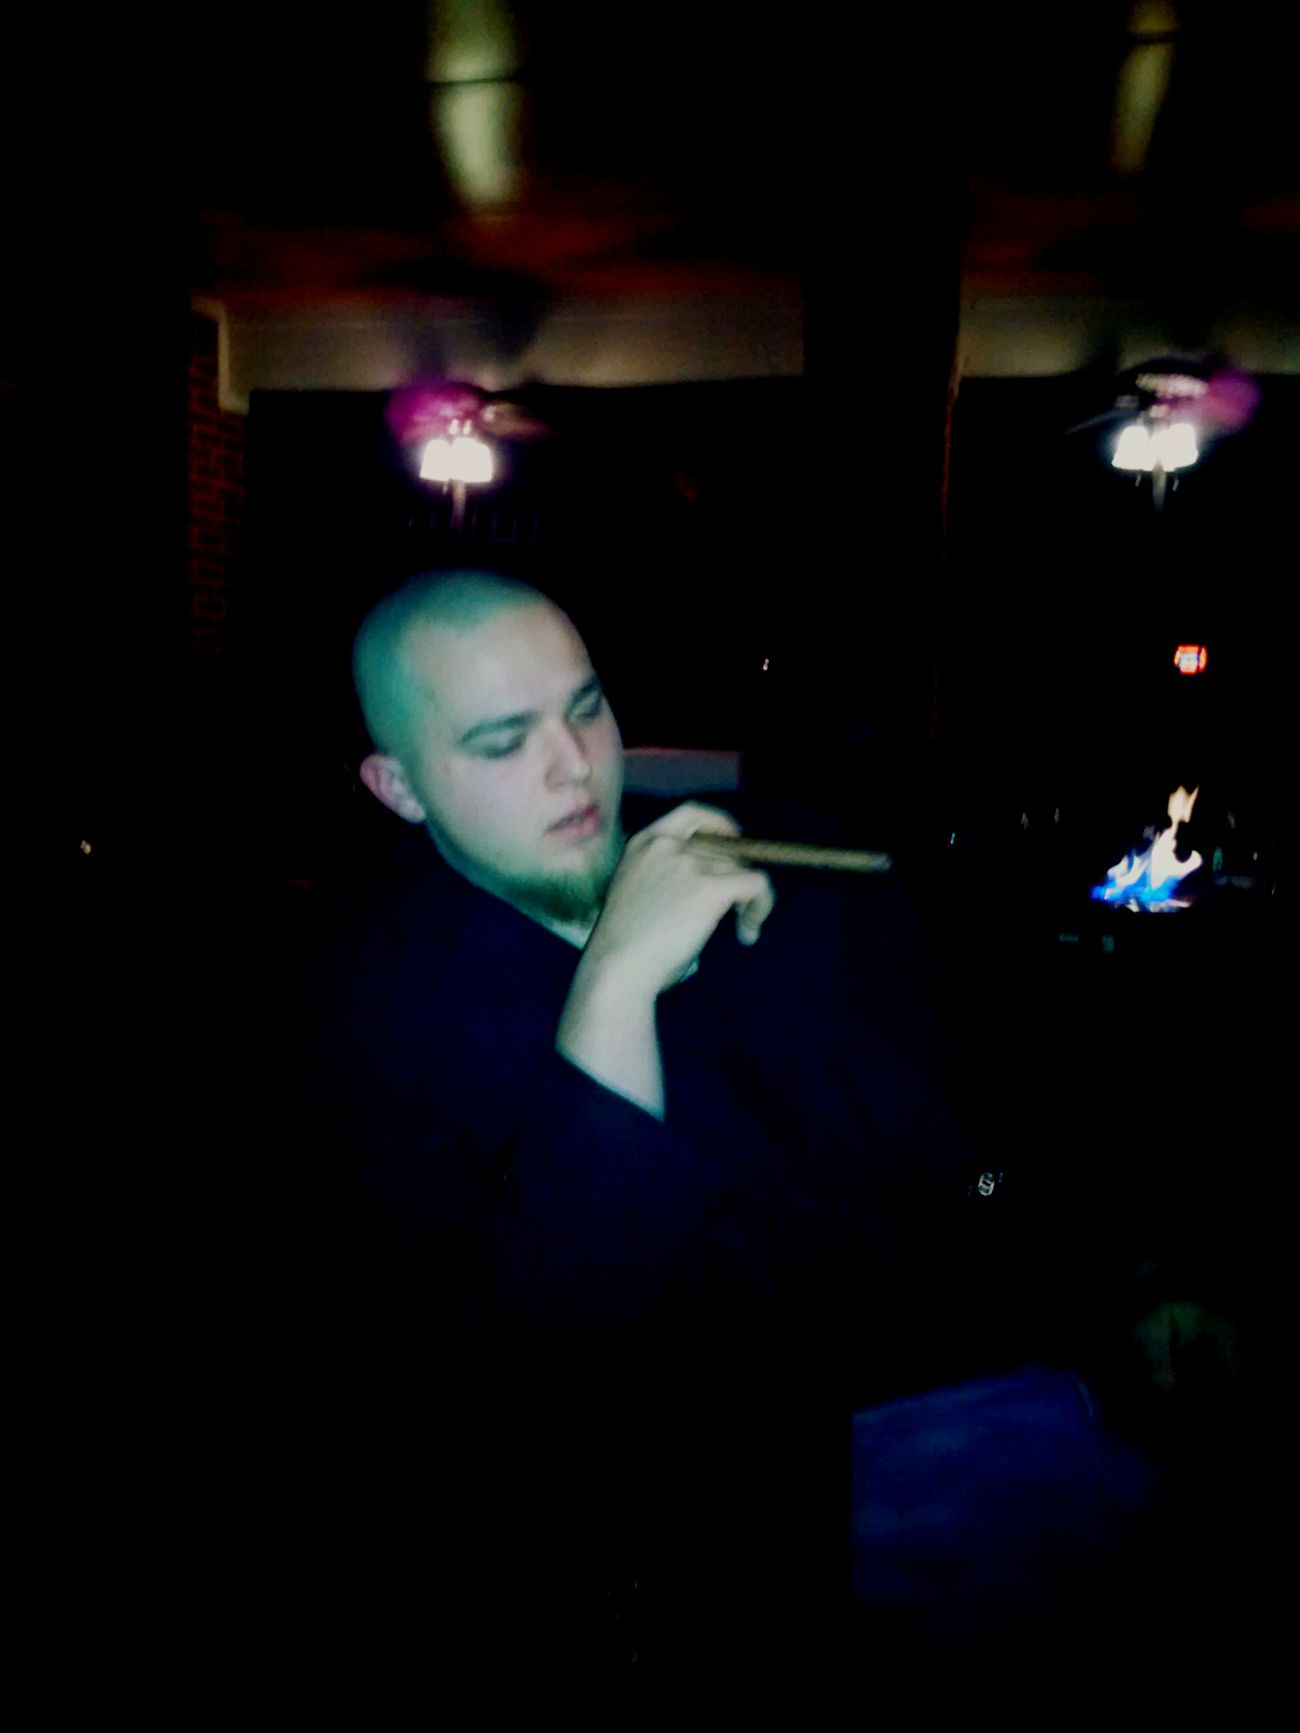 Boss ass brother smokein a cigar